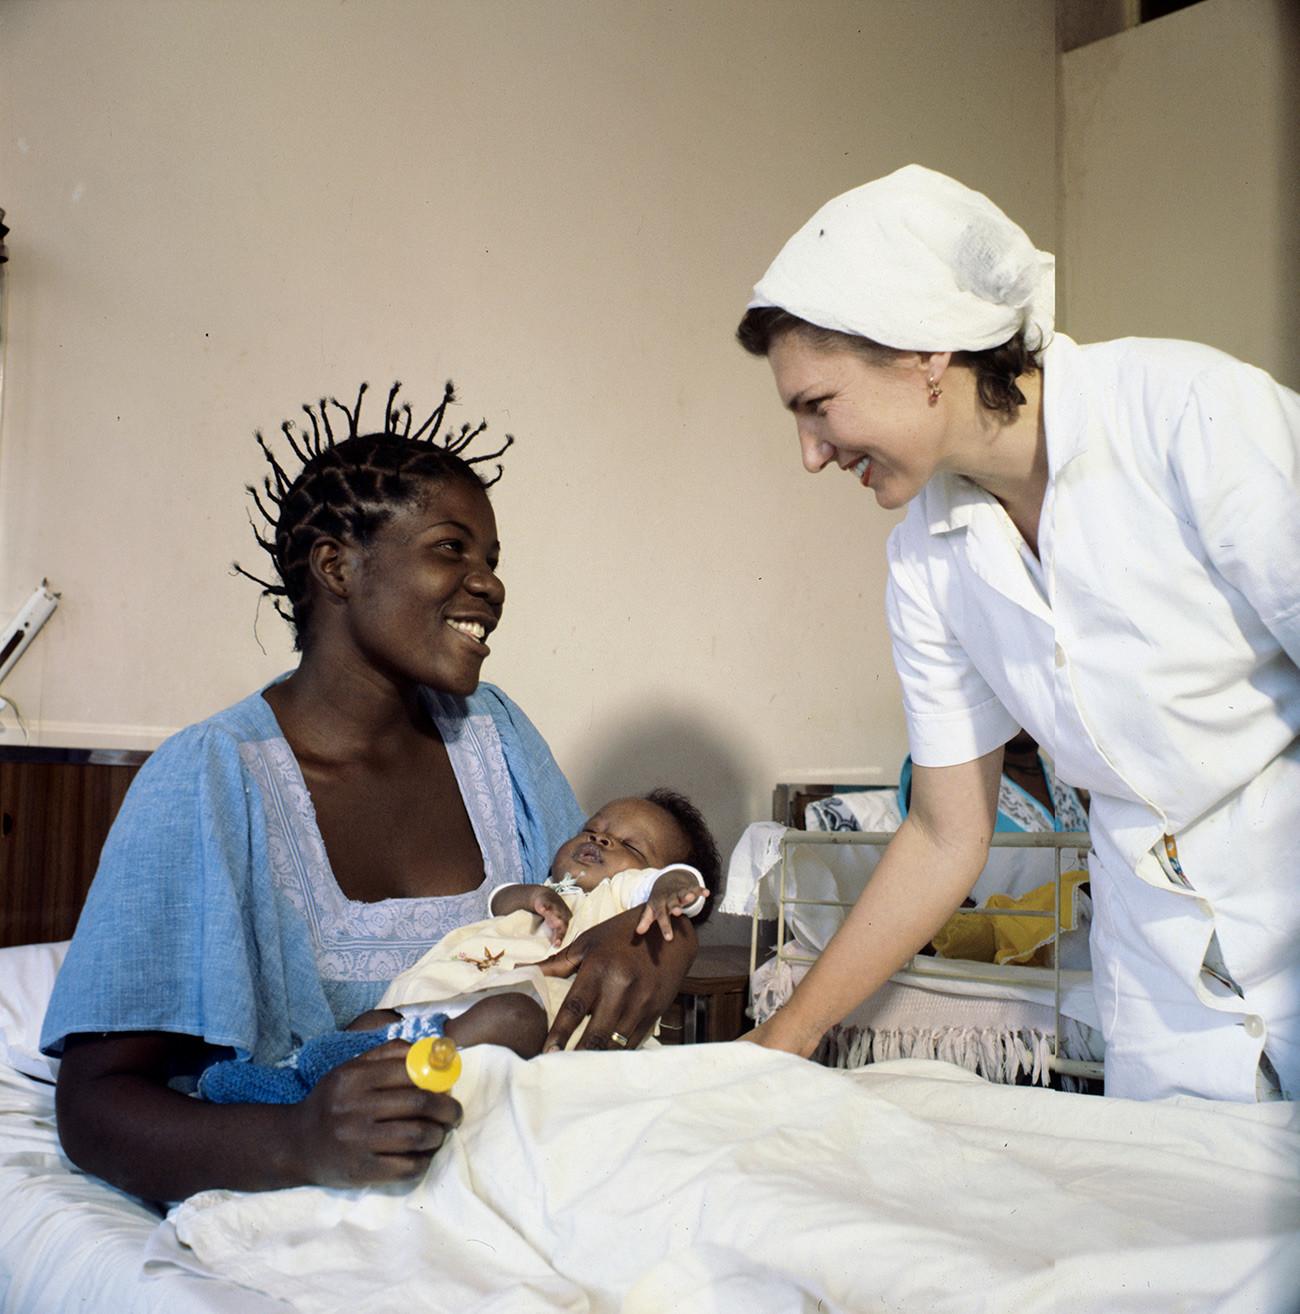 Bidan Soviet berbincang dengan seorang pasien di Lubango, Angola. Salah satu bentuk bantuan yang berikan Soviet kepada Afrika adalah tenaga medis.